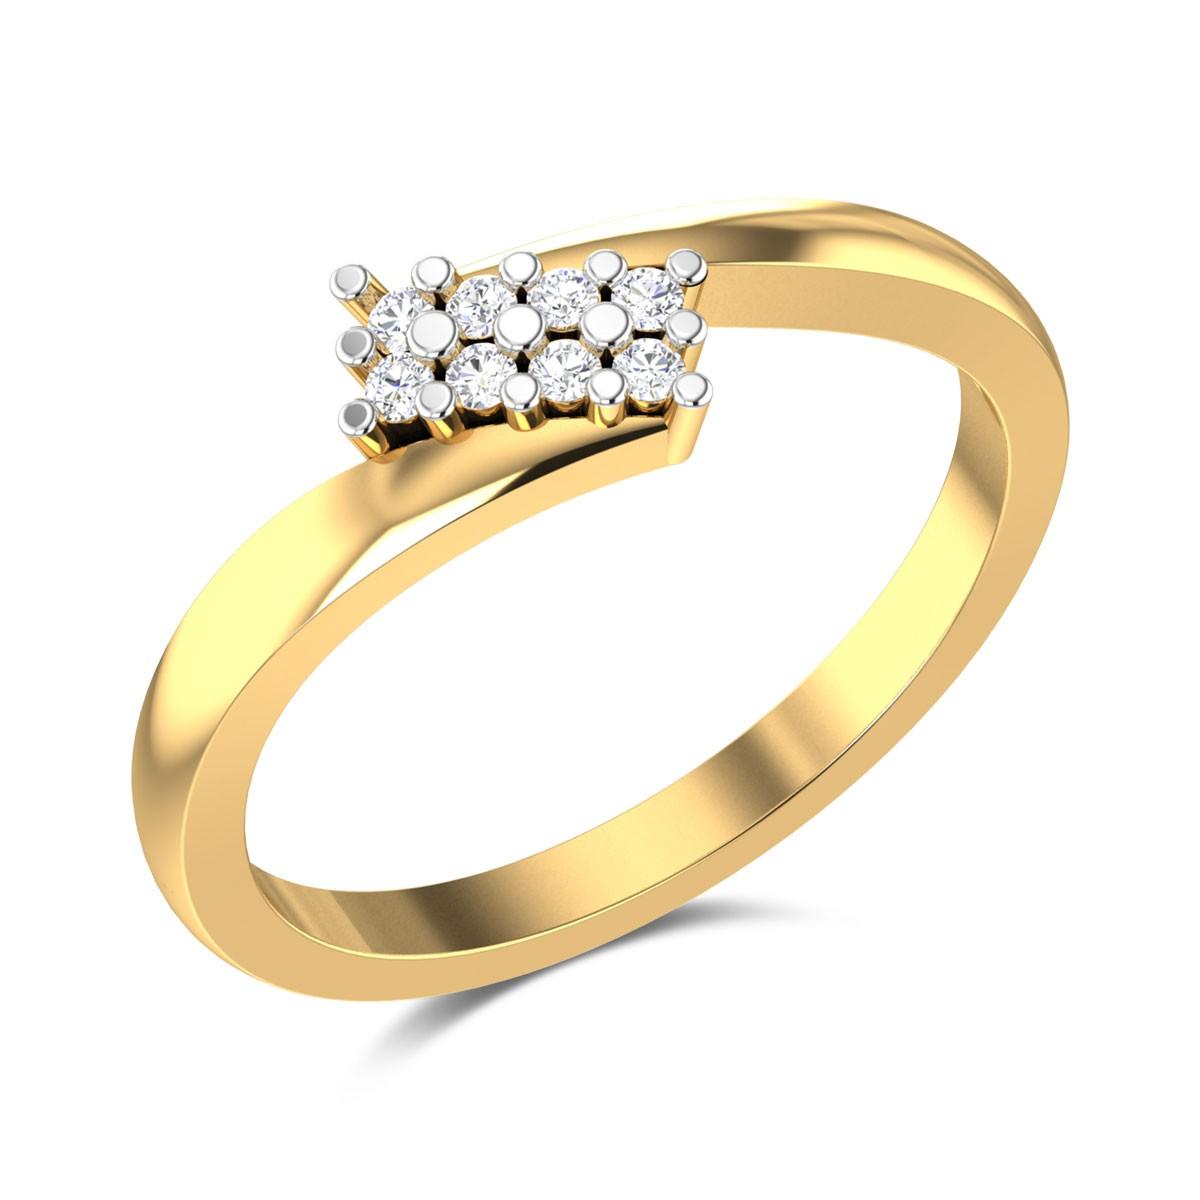 Dancing Flames Diamond Ring